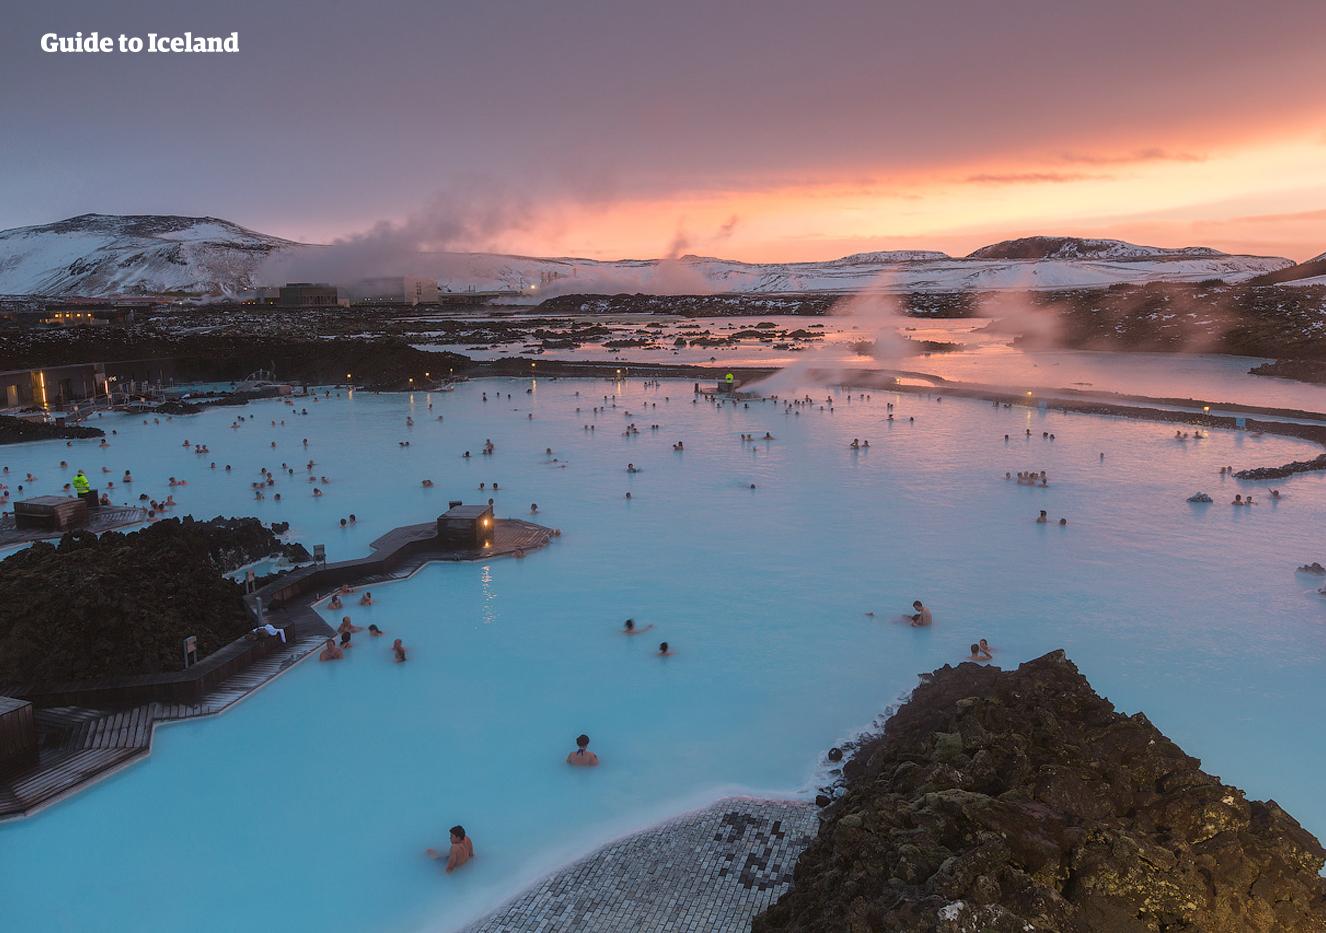 Willkommen in Island und dem weltberühmten Wasser der luxuriösen Blauen Lagune.